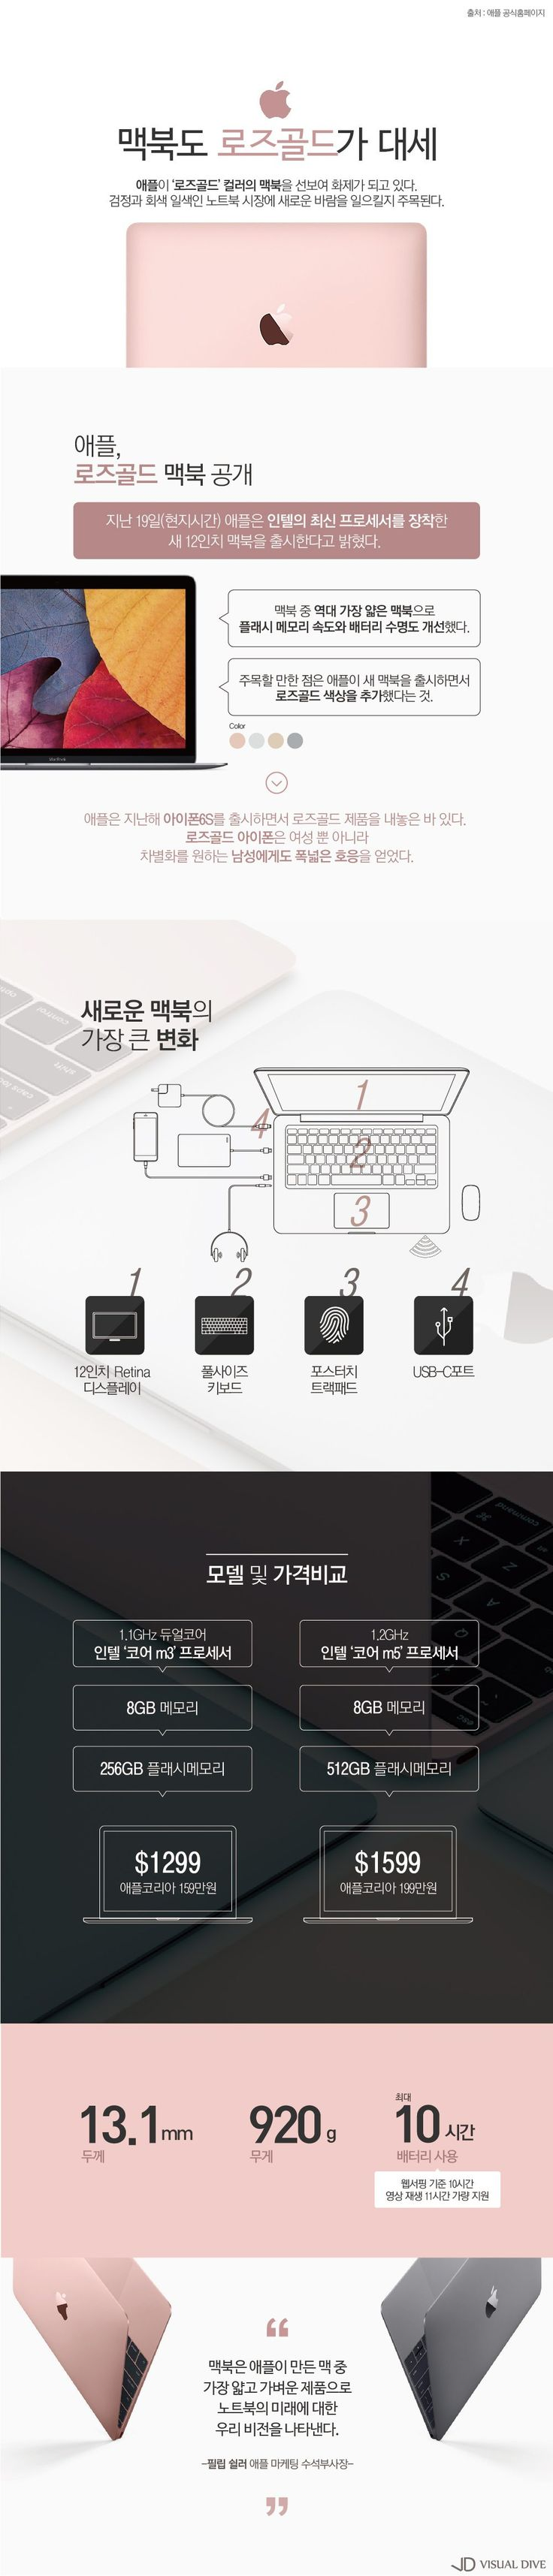 애플, 로즈골드 맥북 출시로 소비자 '취향저격' [인포그래픽] #macbook / #Infographic ⓒ 비주얼다이브 무단 복사·전재·재배포 금지